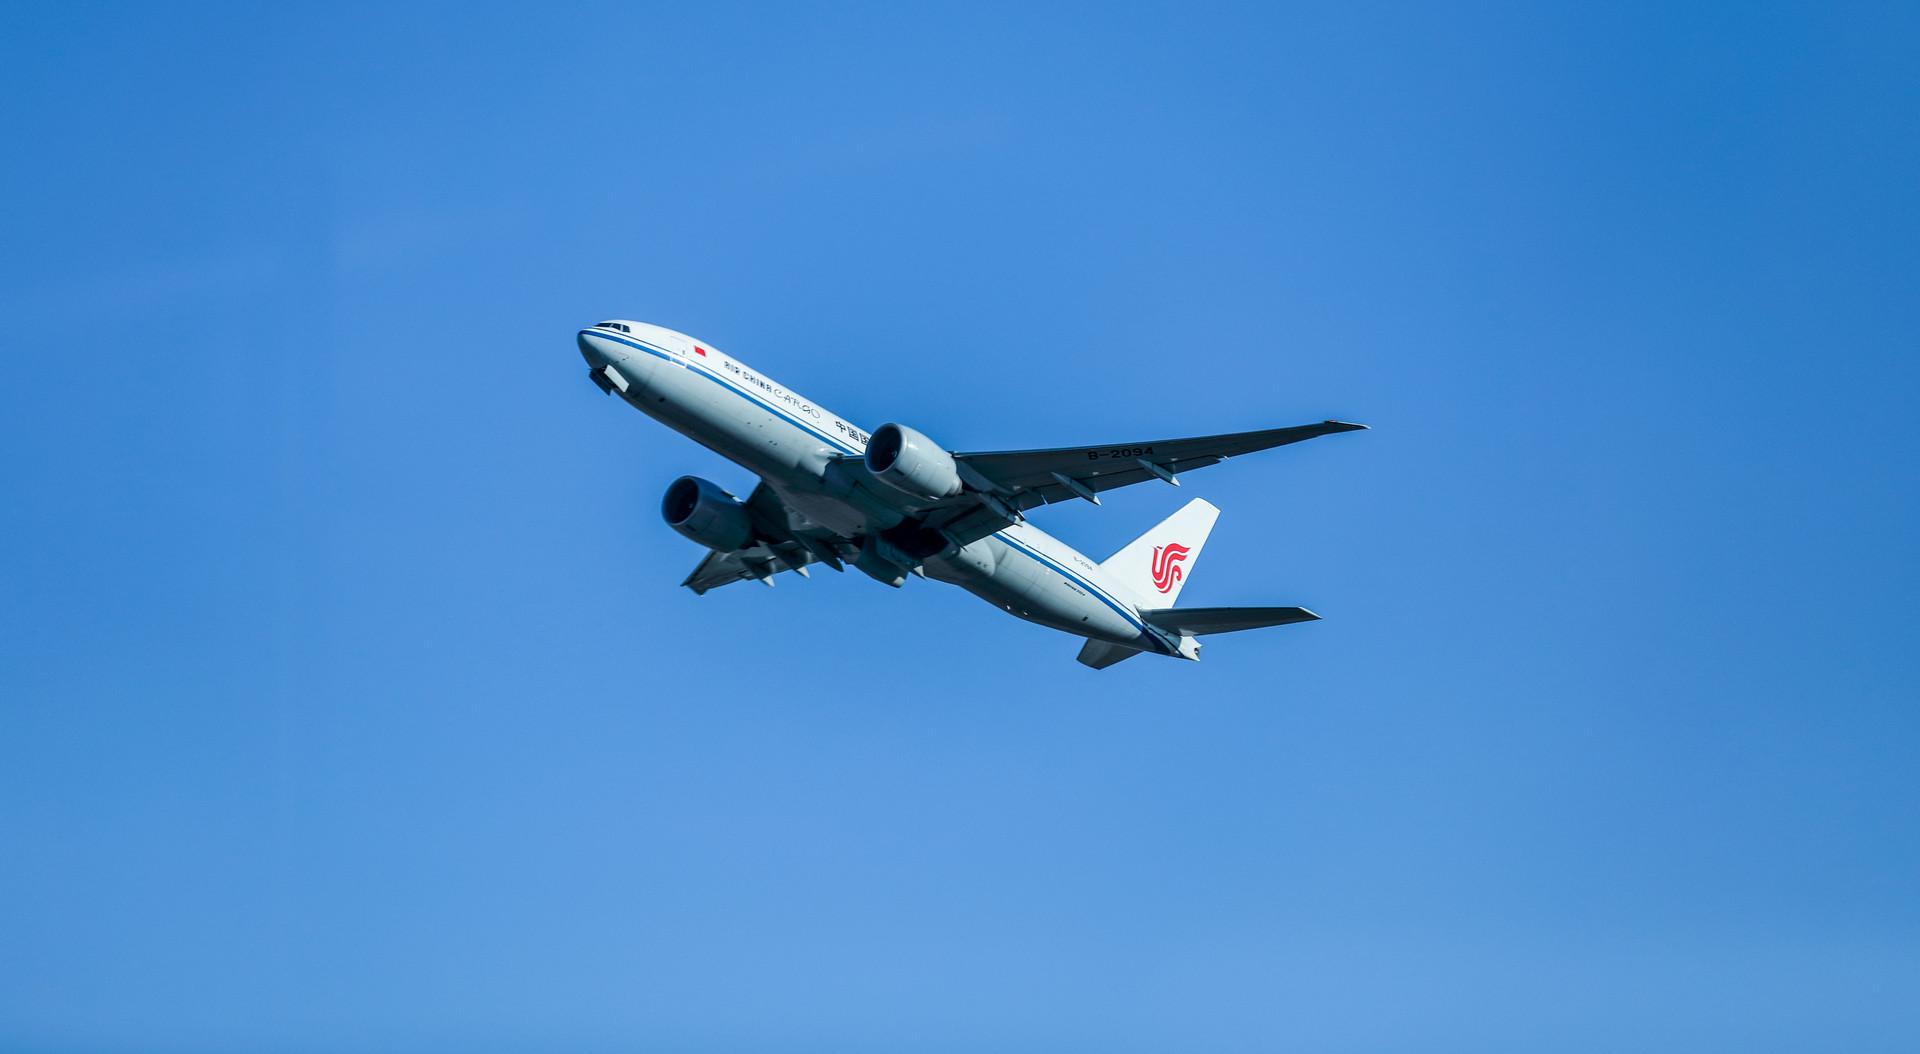 国际空运 国际物流 国际快递 国际空运术语 国际物流术语 国际空运专业术语 鹿跃国际快递